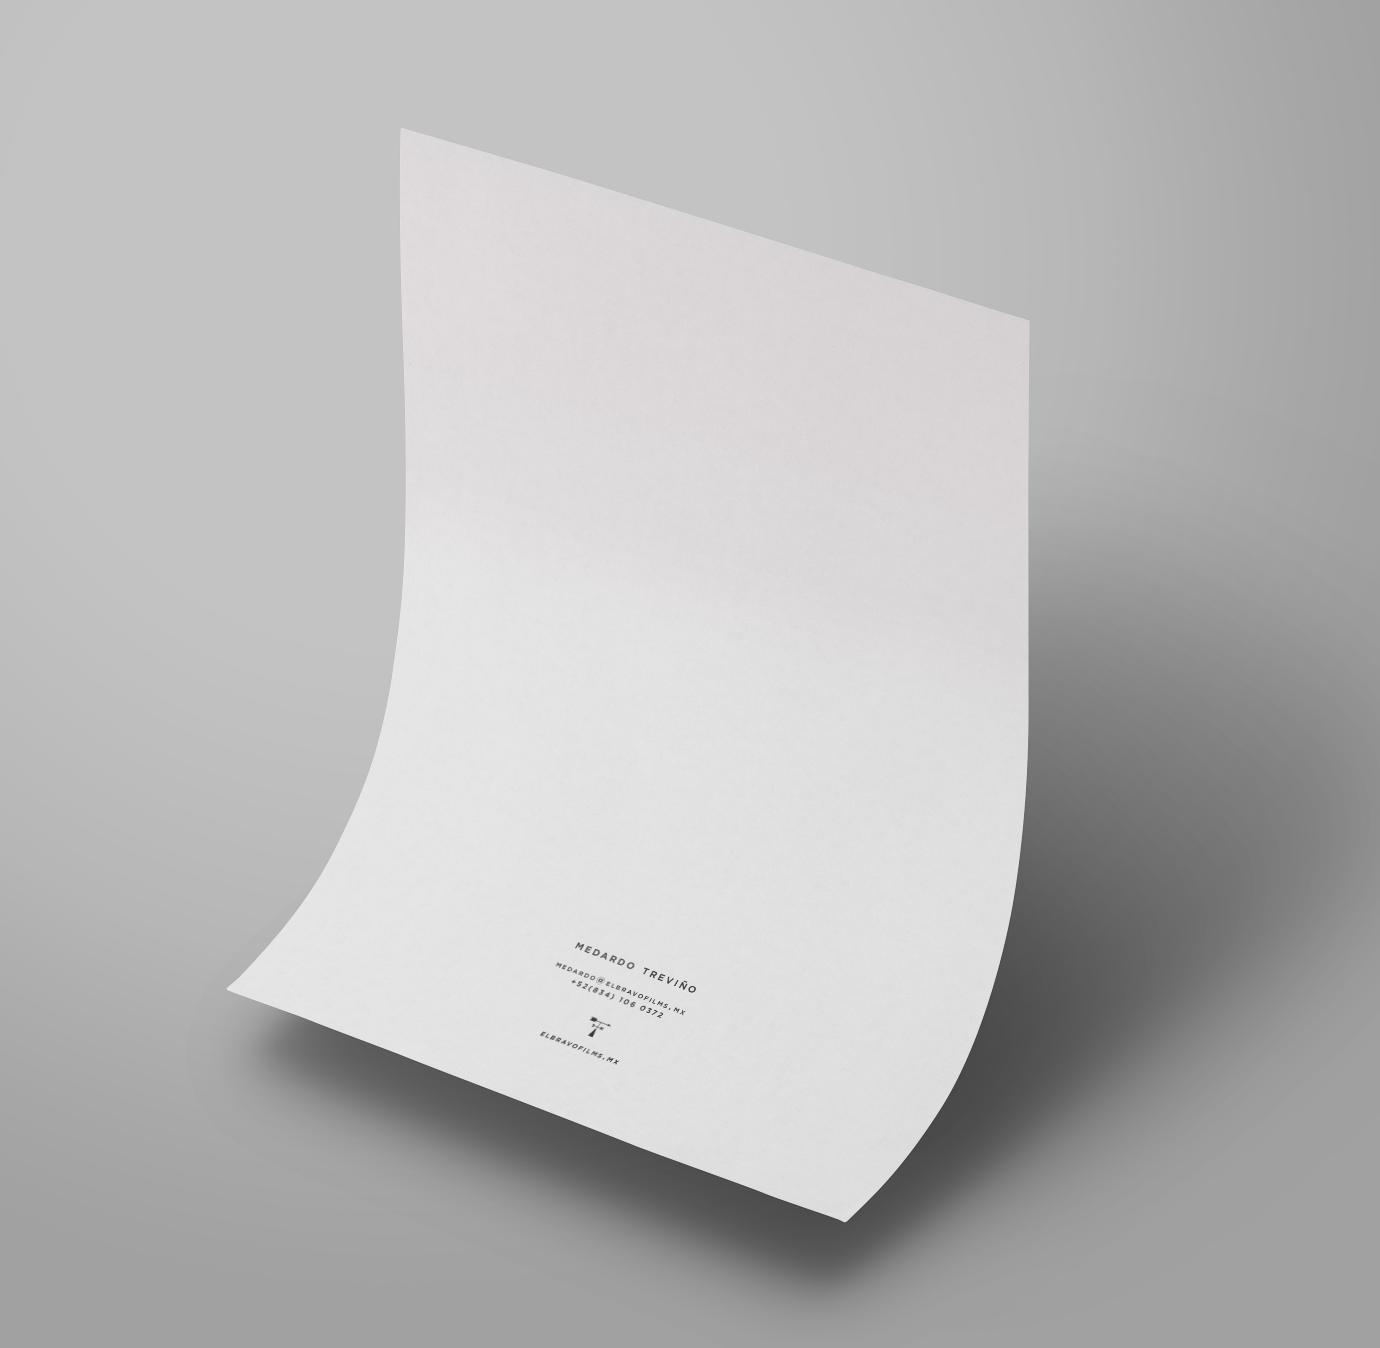 letterhead-el-bravo-yoenpaperland